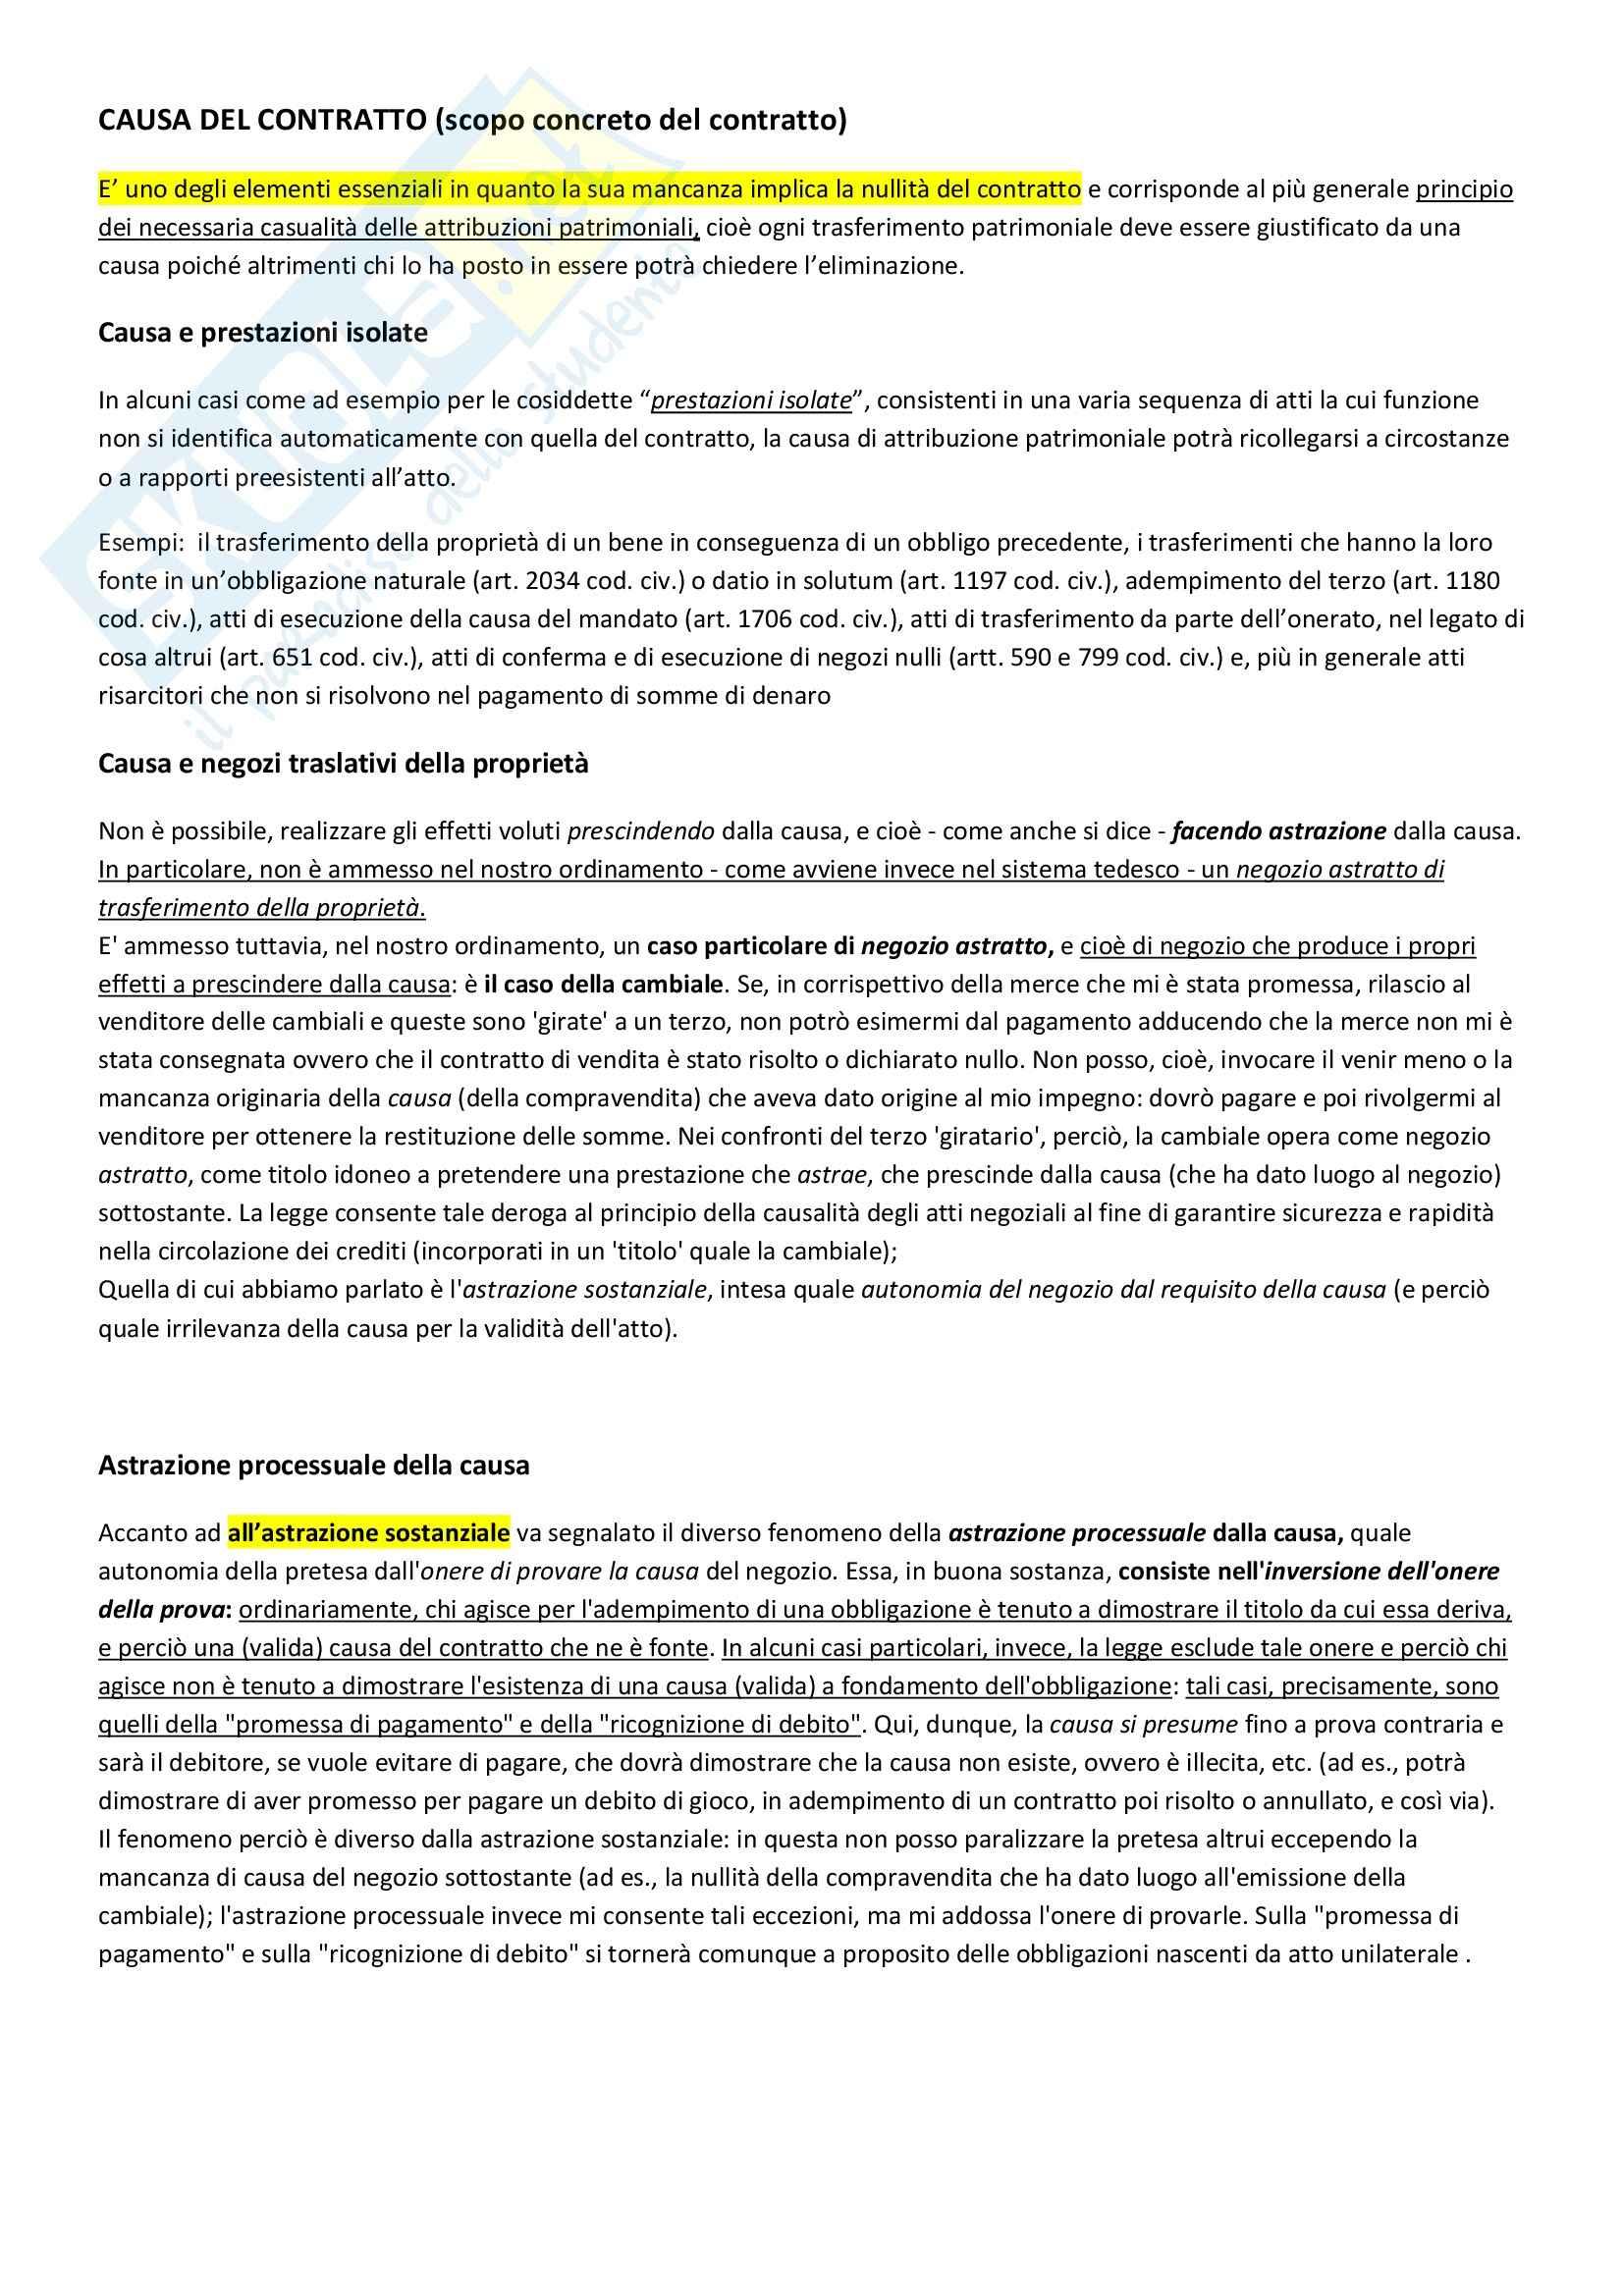 Riassunto esame Diritto privato: causa del contratto, prof. Scognamiglio